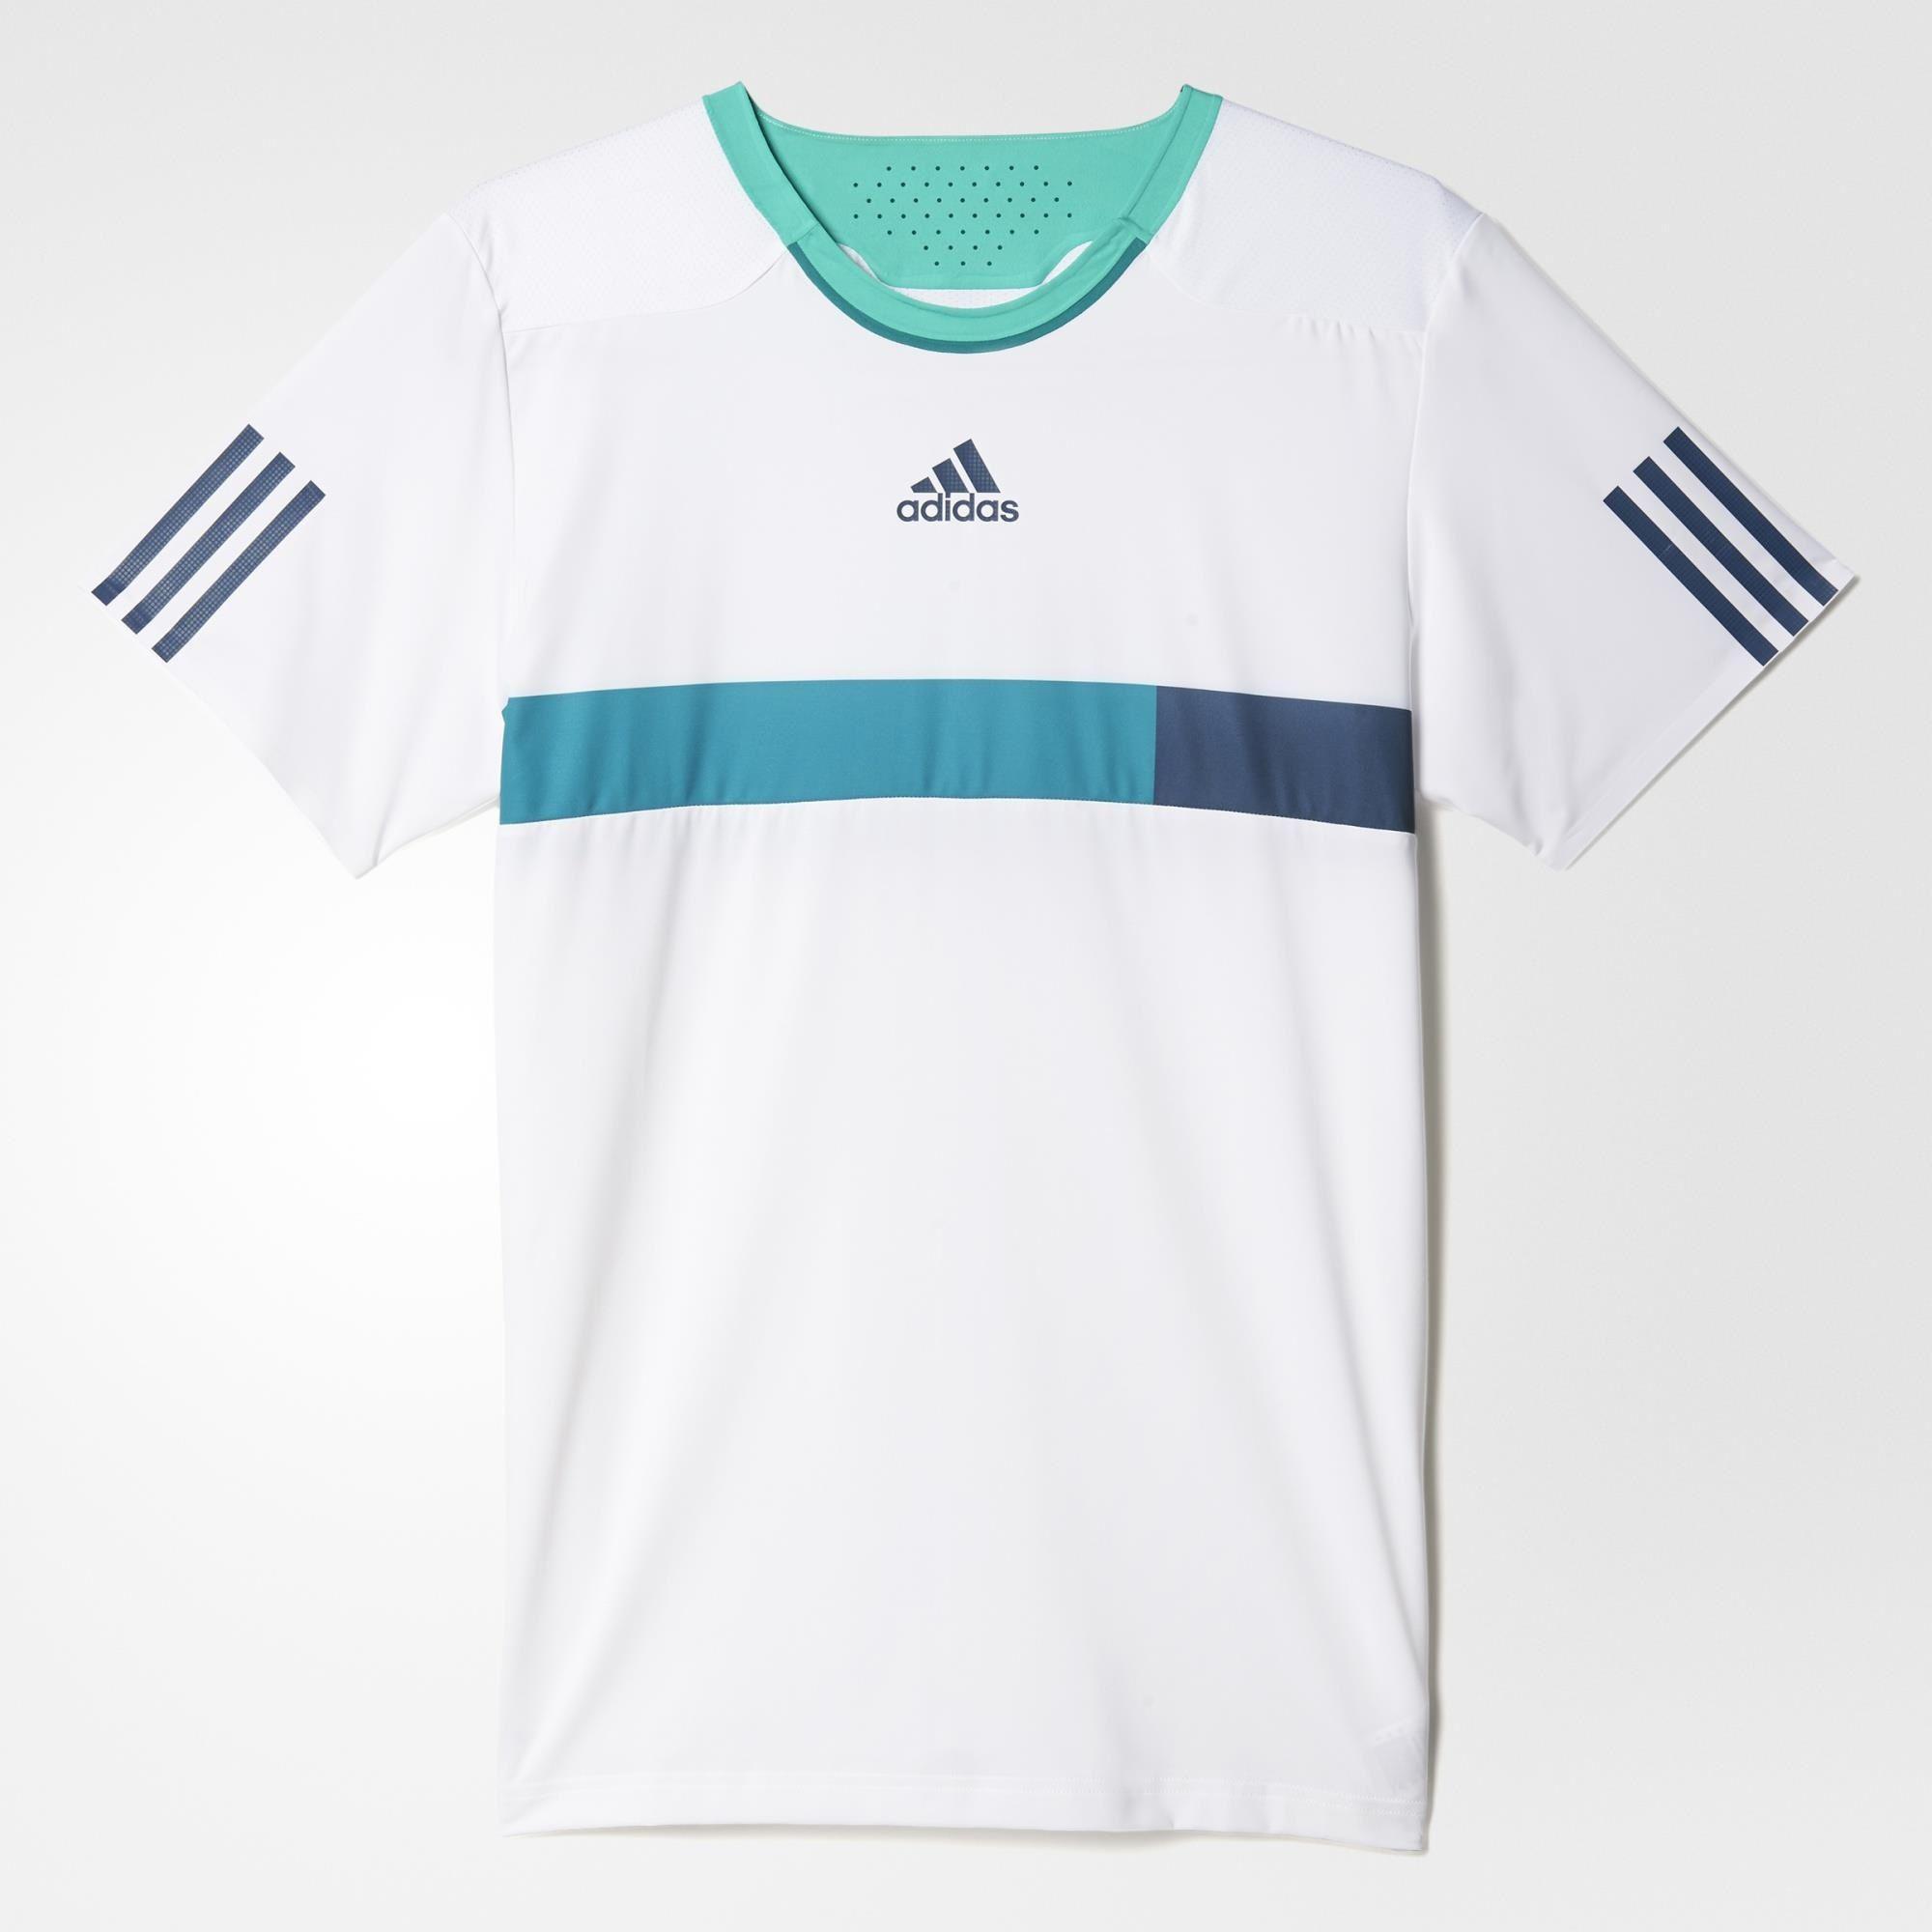 30353d89 Adidas Mens Barricade Tee - White/Blue - Tennisnuts.com